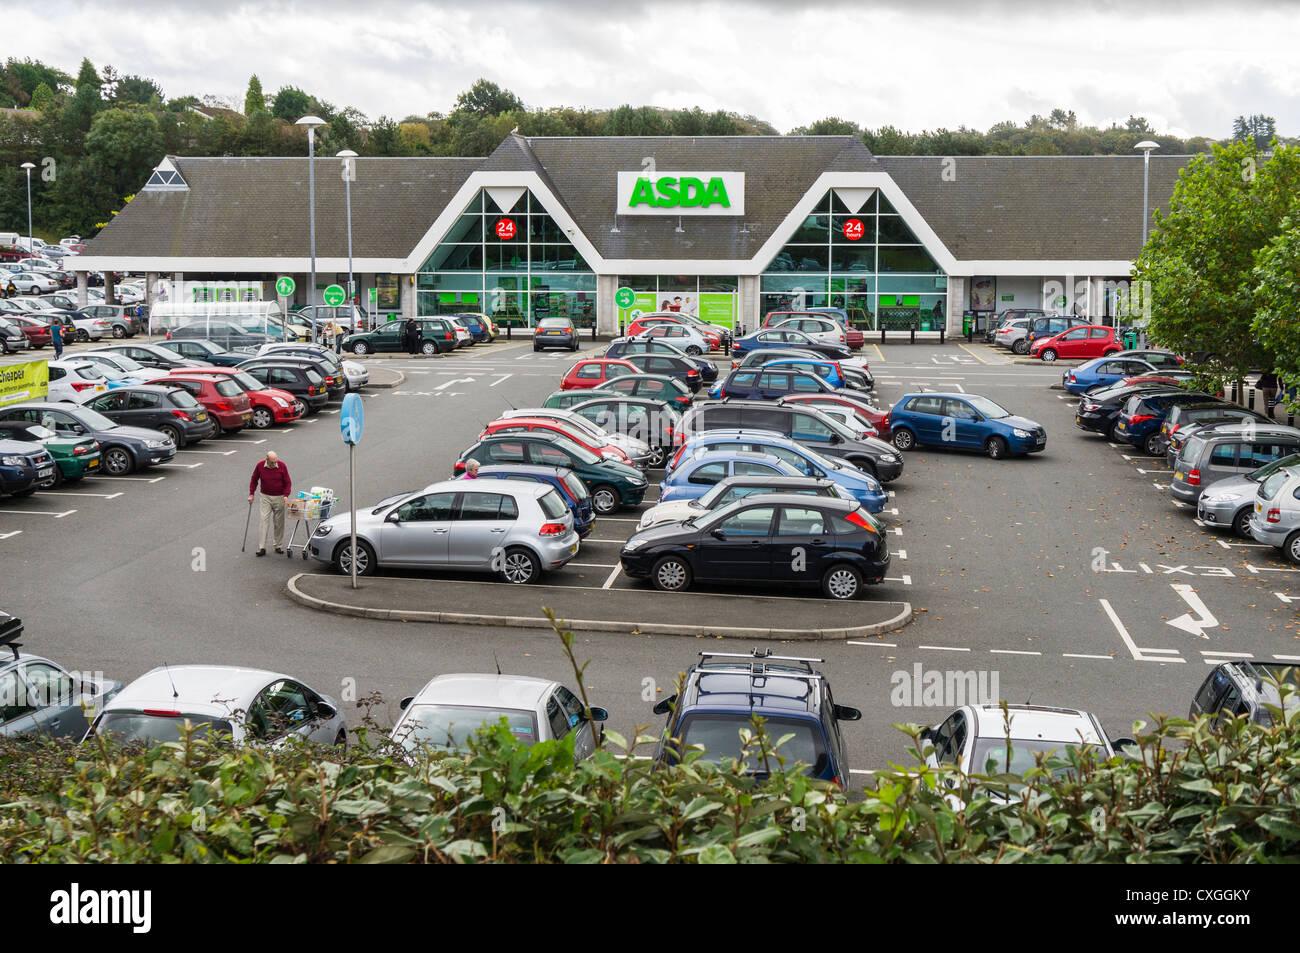 Garden Centre: Asda Store Stock Photos & Asda Store Stock Images